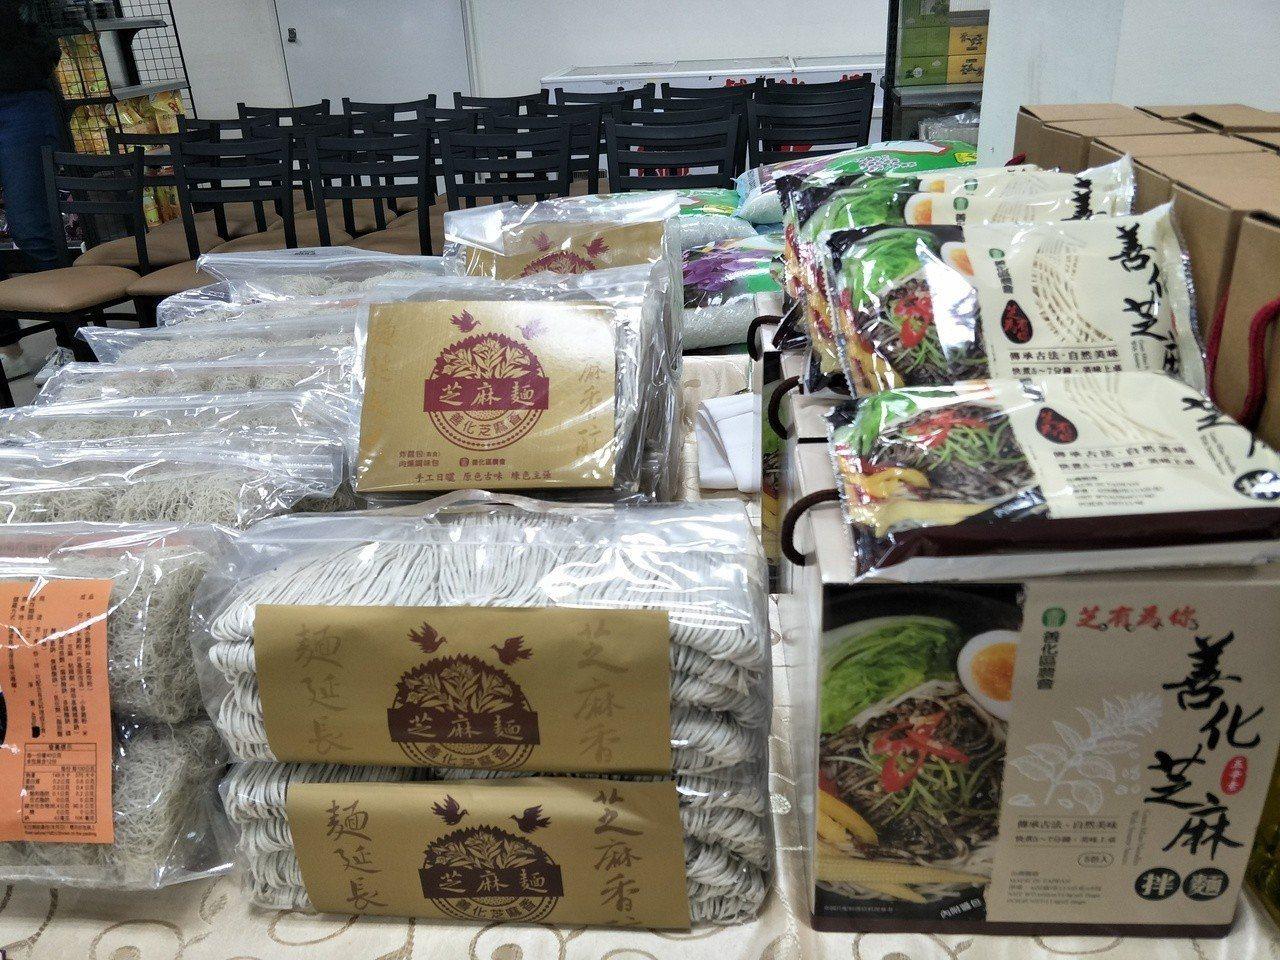 農會推出芝麻伴麵搶攻市場。記者謝進盛╱攝影